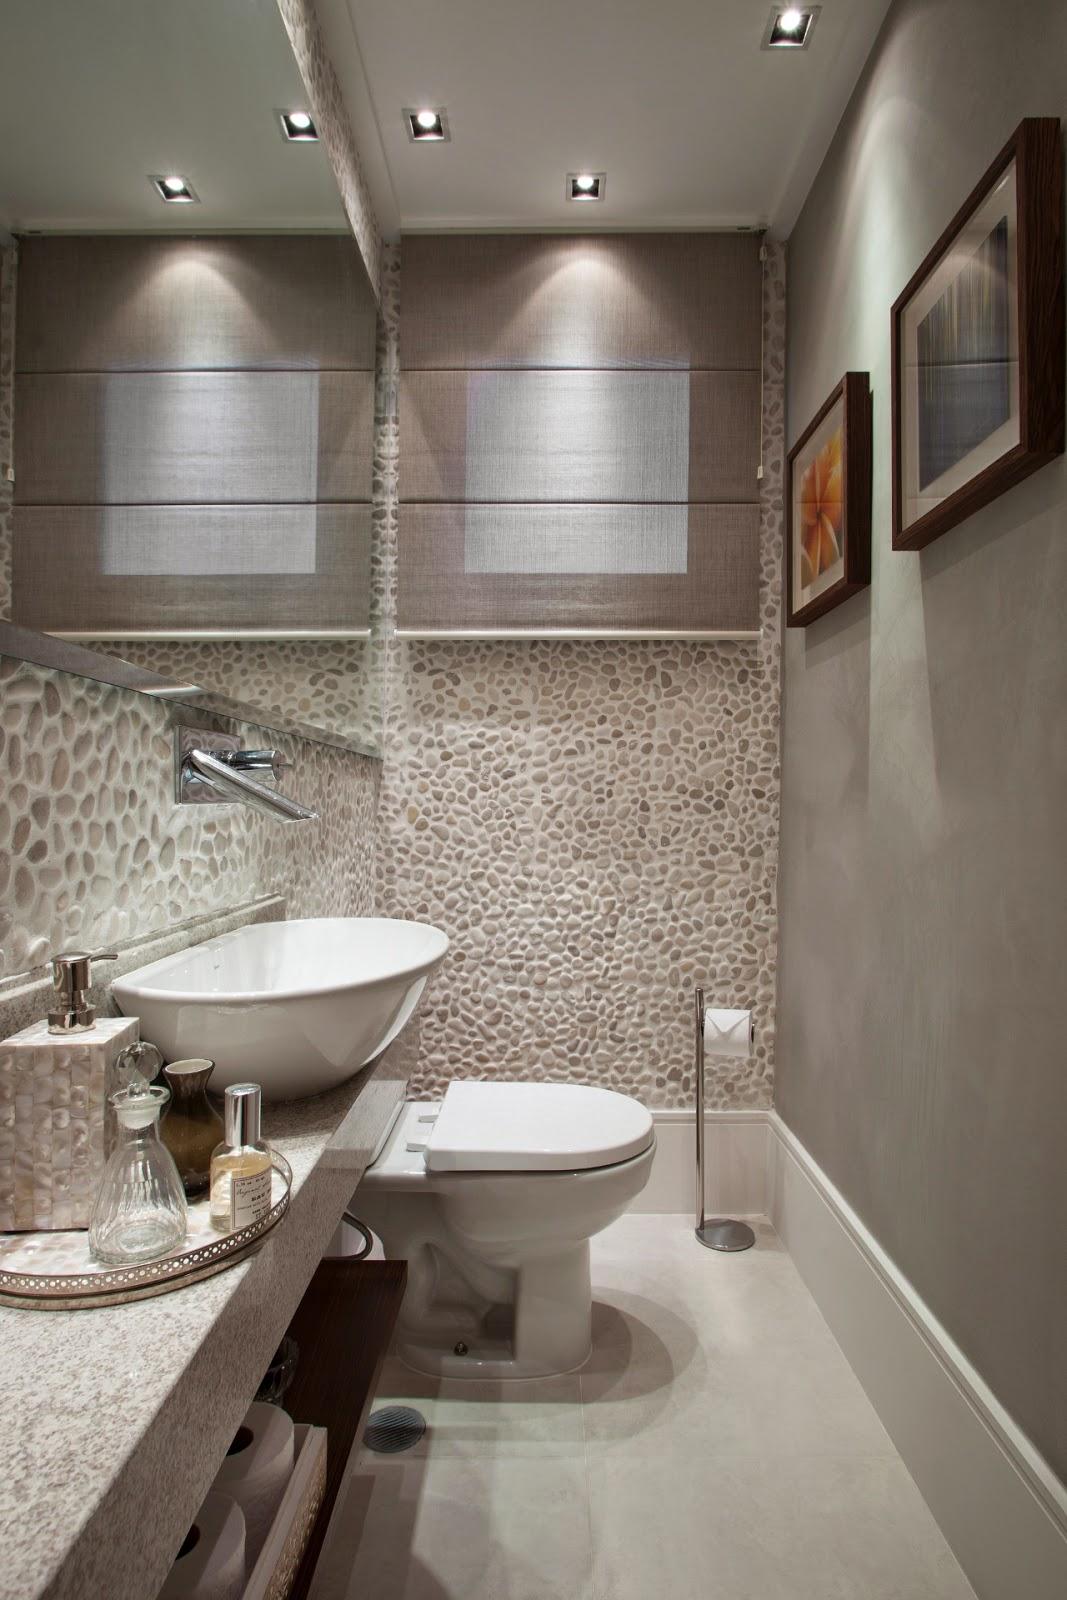 é tendência na decoração – veja ideias em ambientes internos  #3C3028 1067x1600 Banheiro Com Jardim Interno